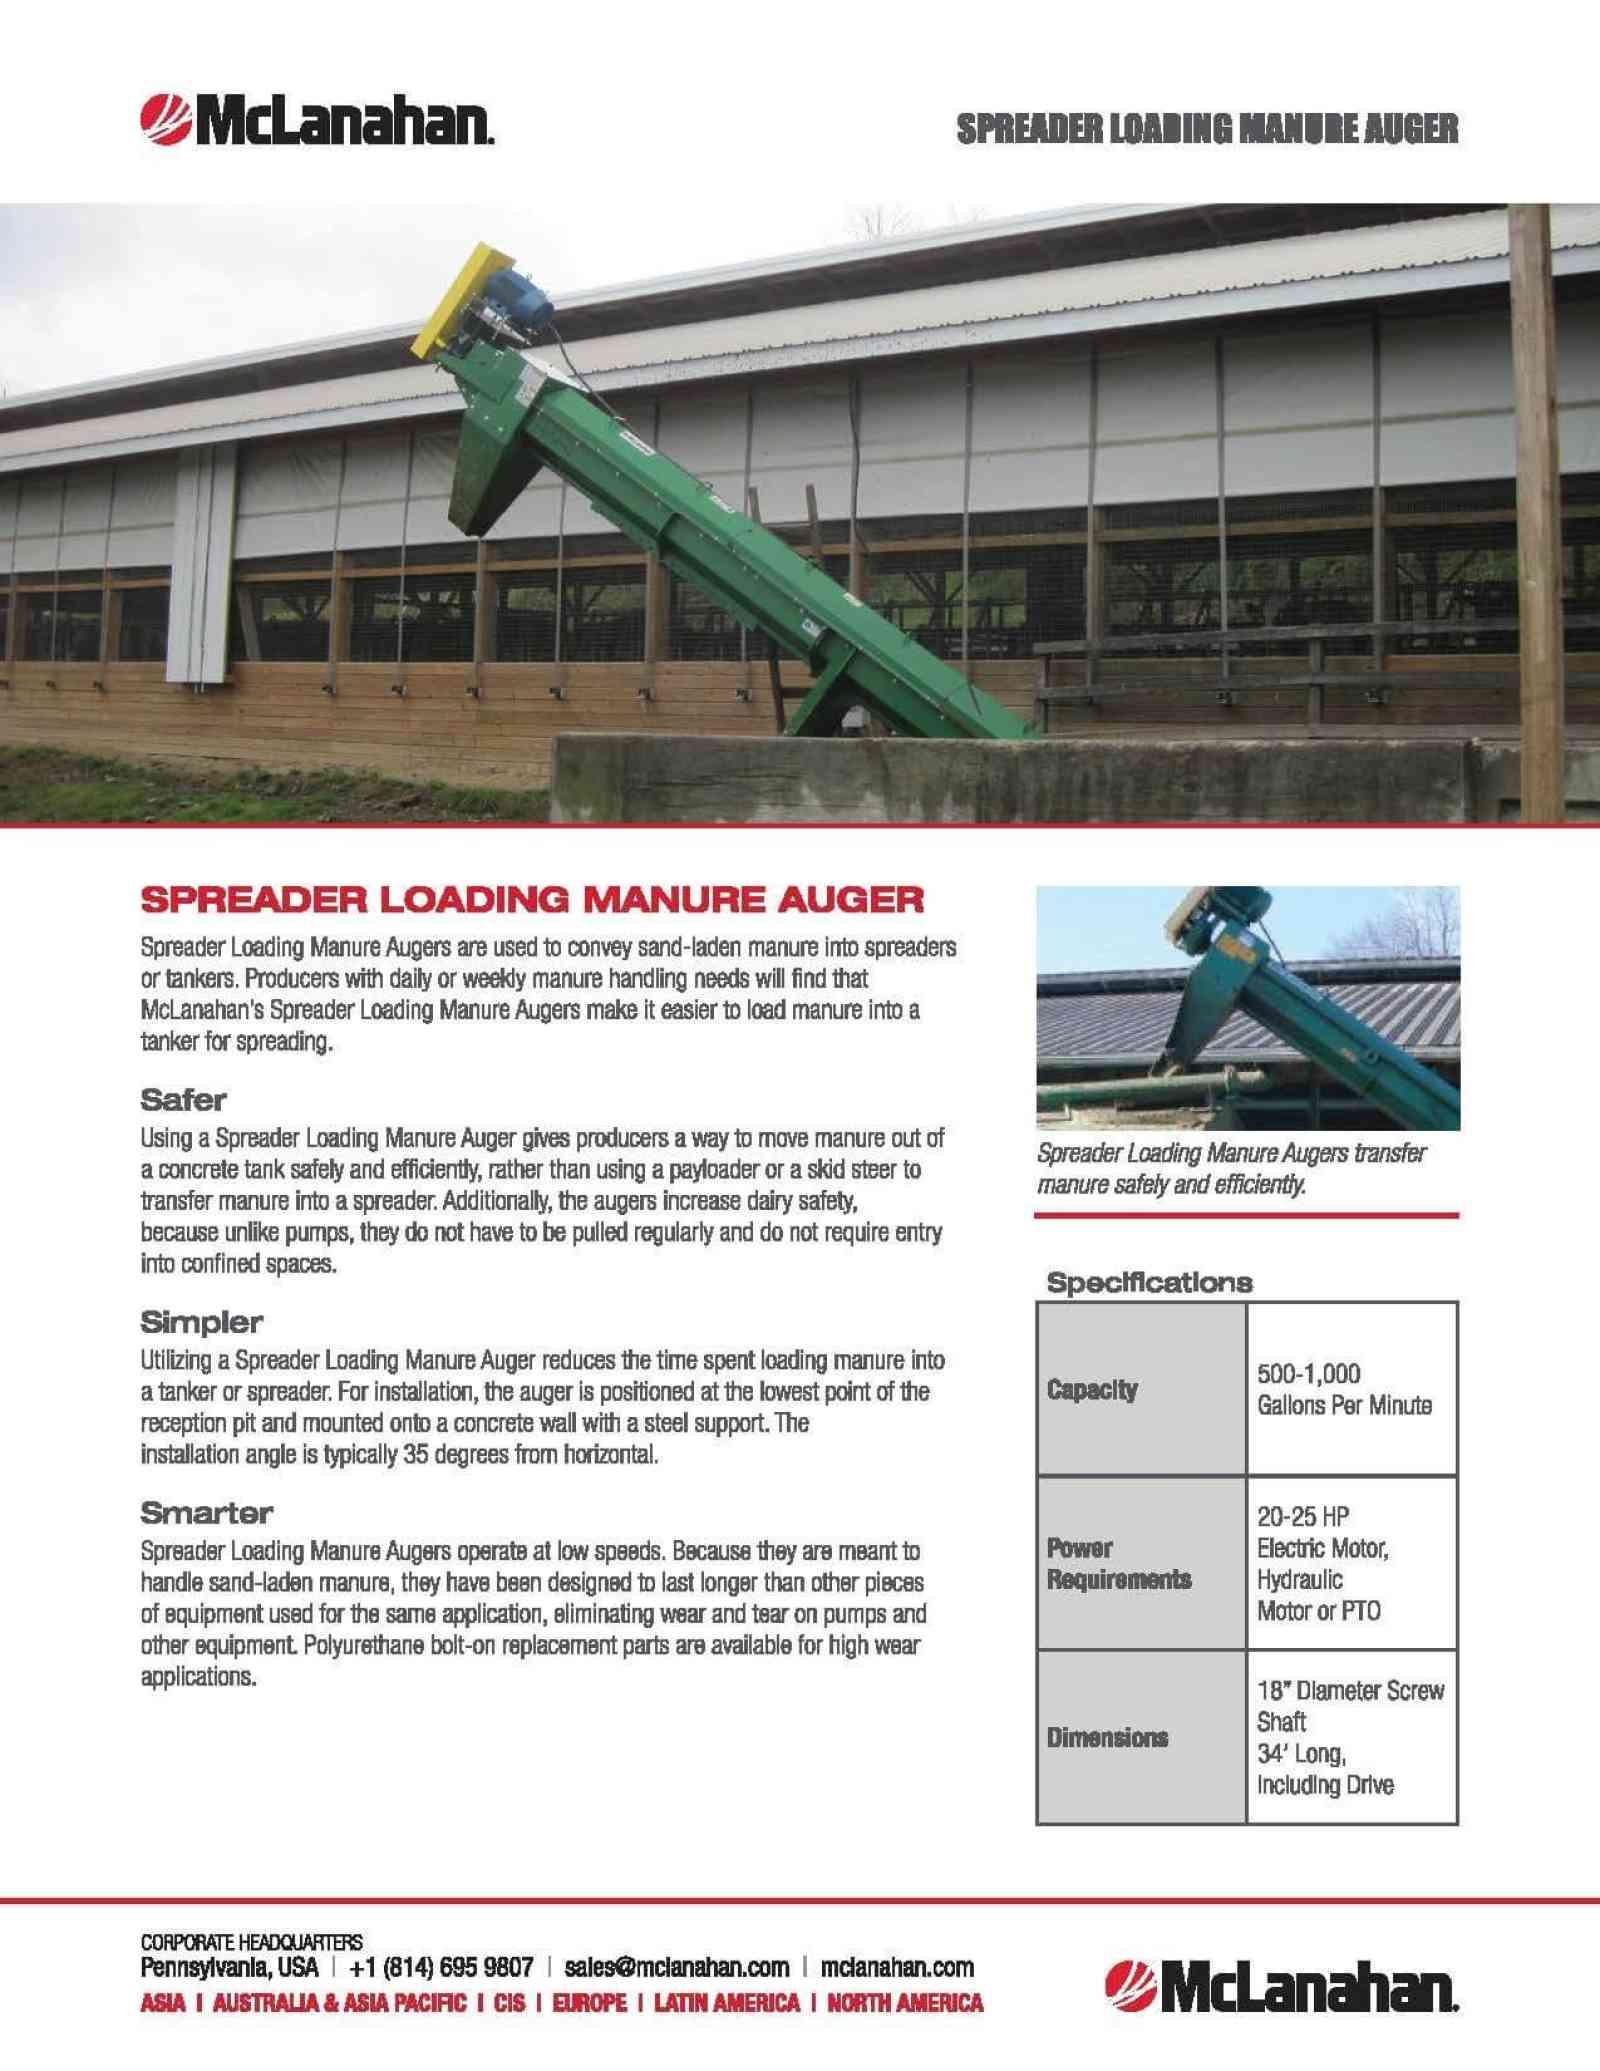 Spreader Loading Manure Auger Brochure Image